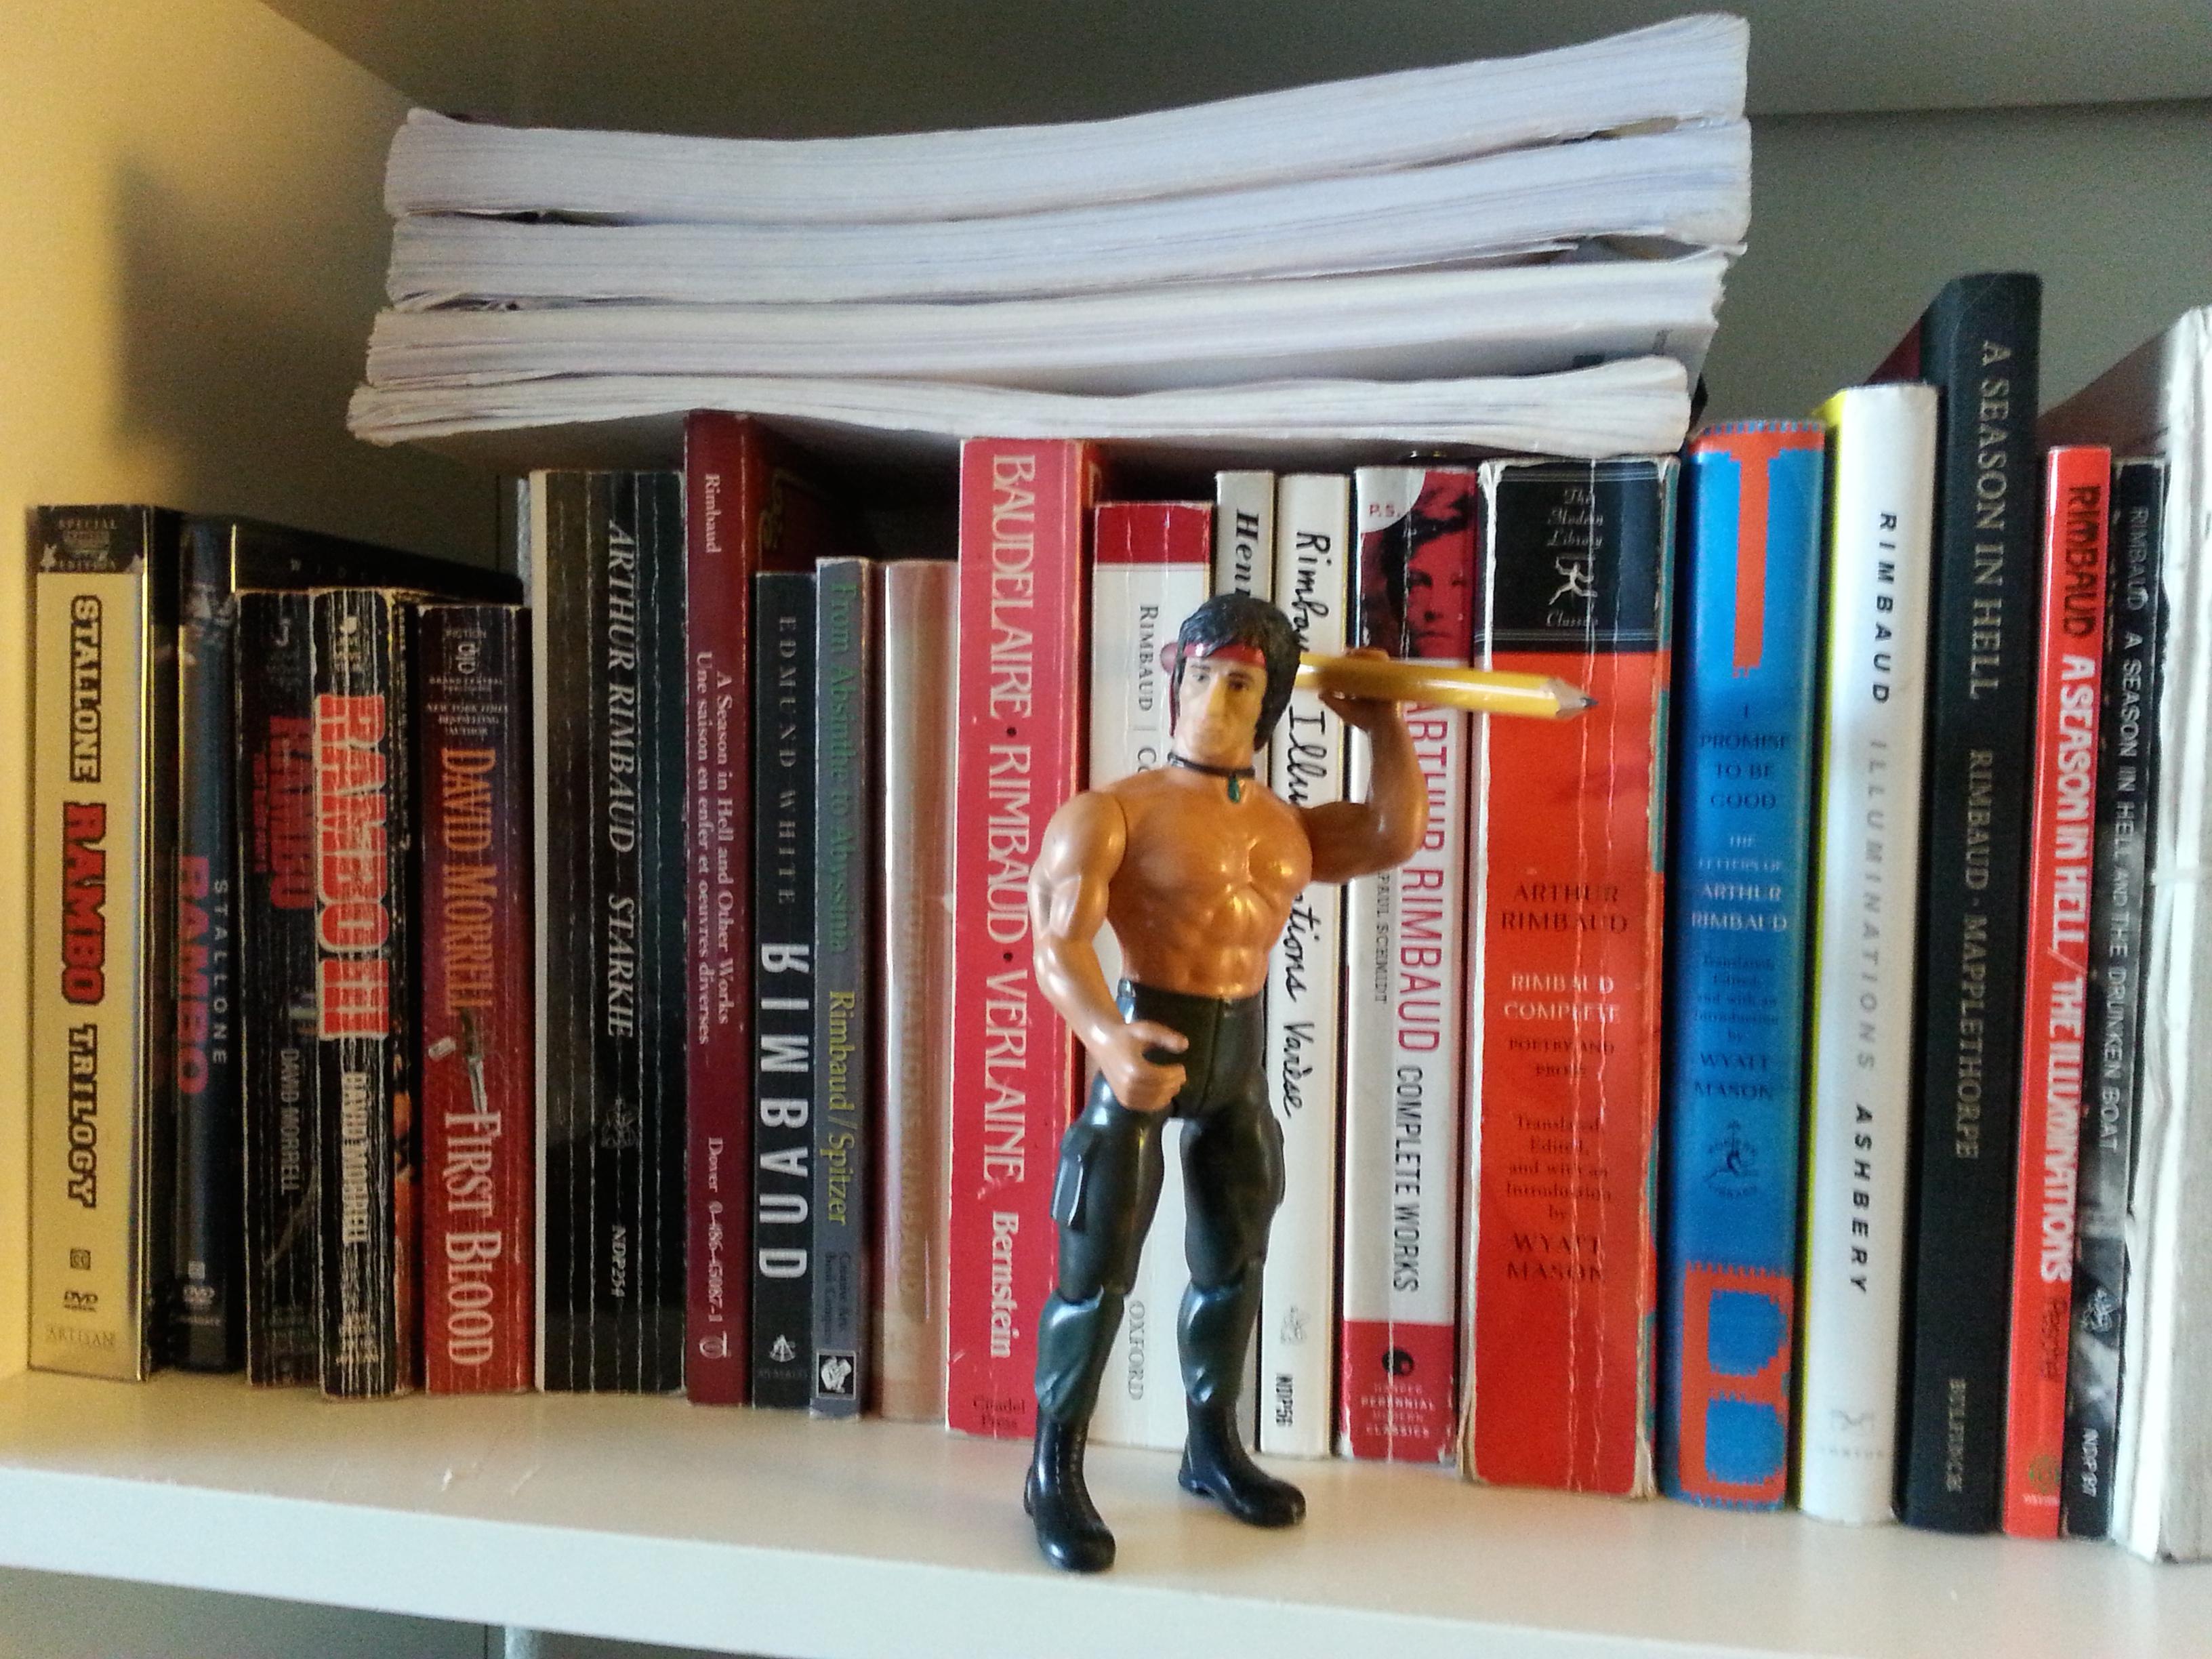 RamboRimbaudBookshelf